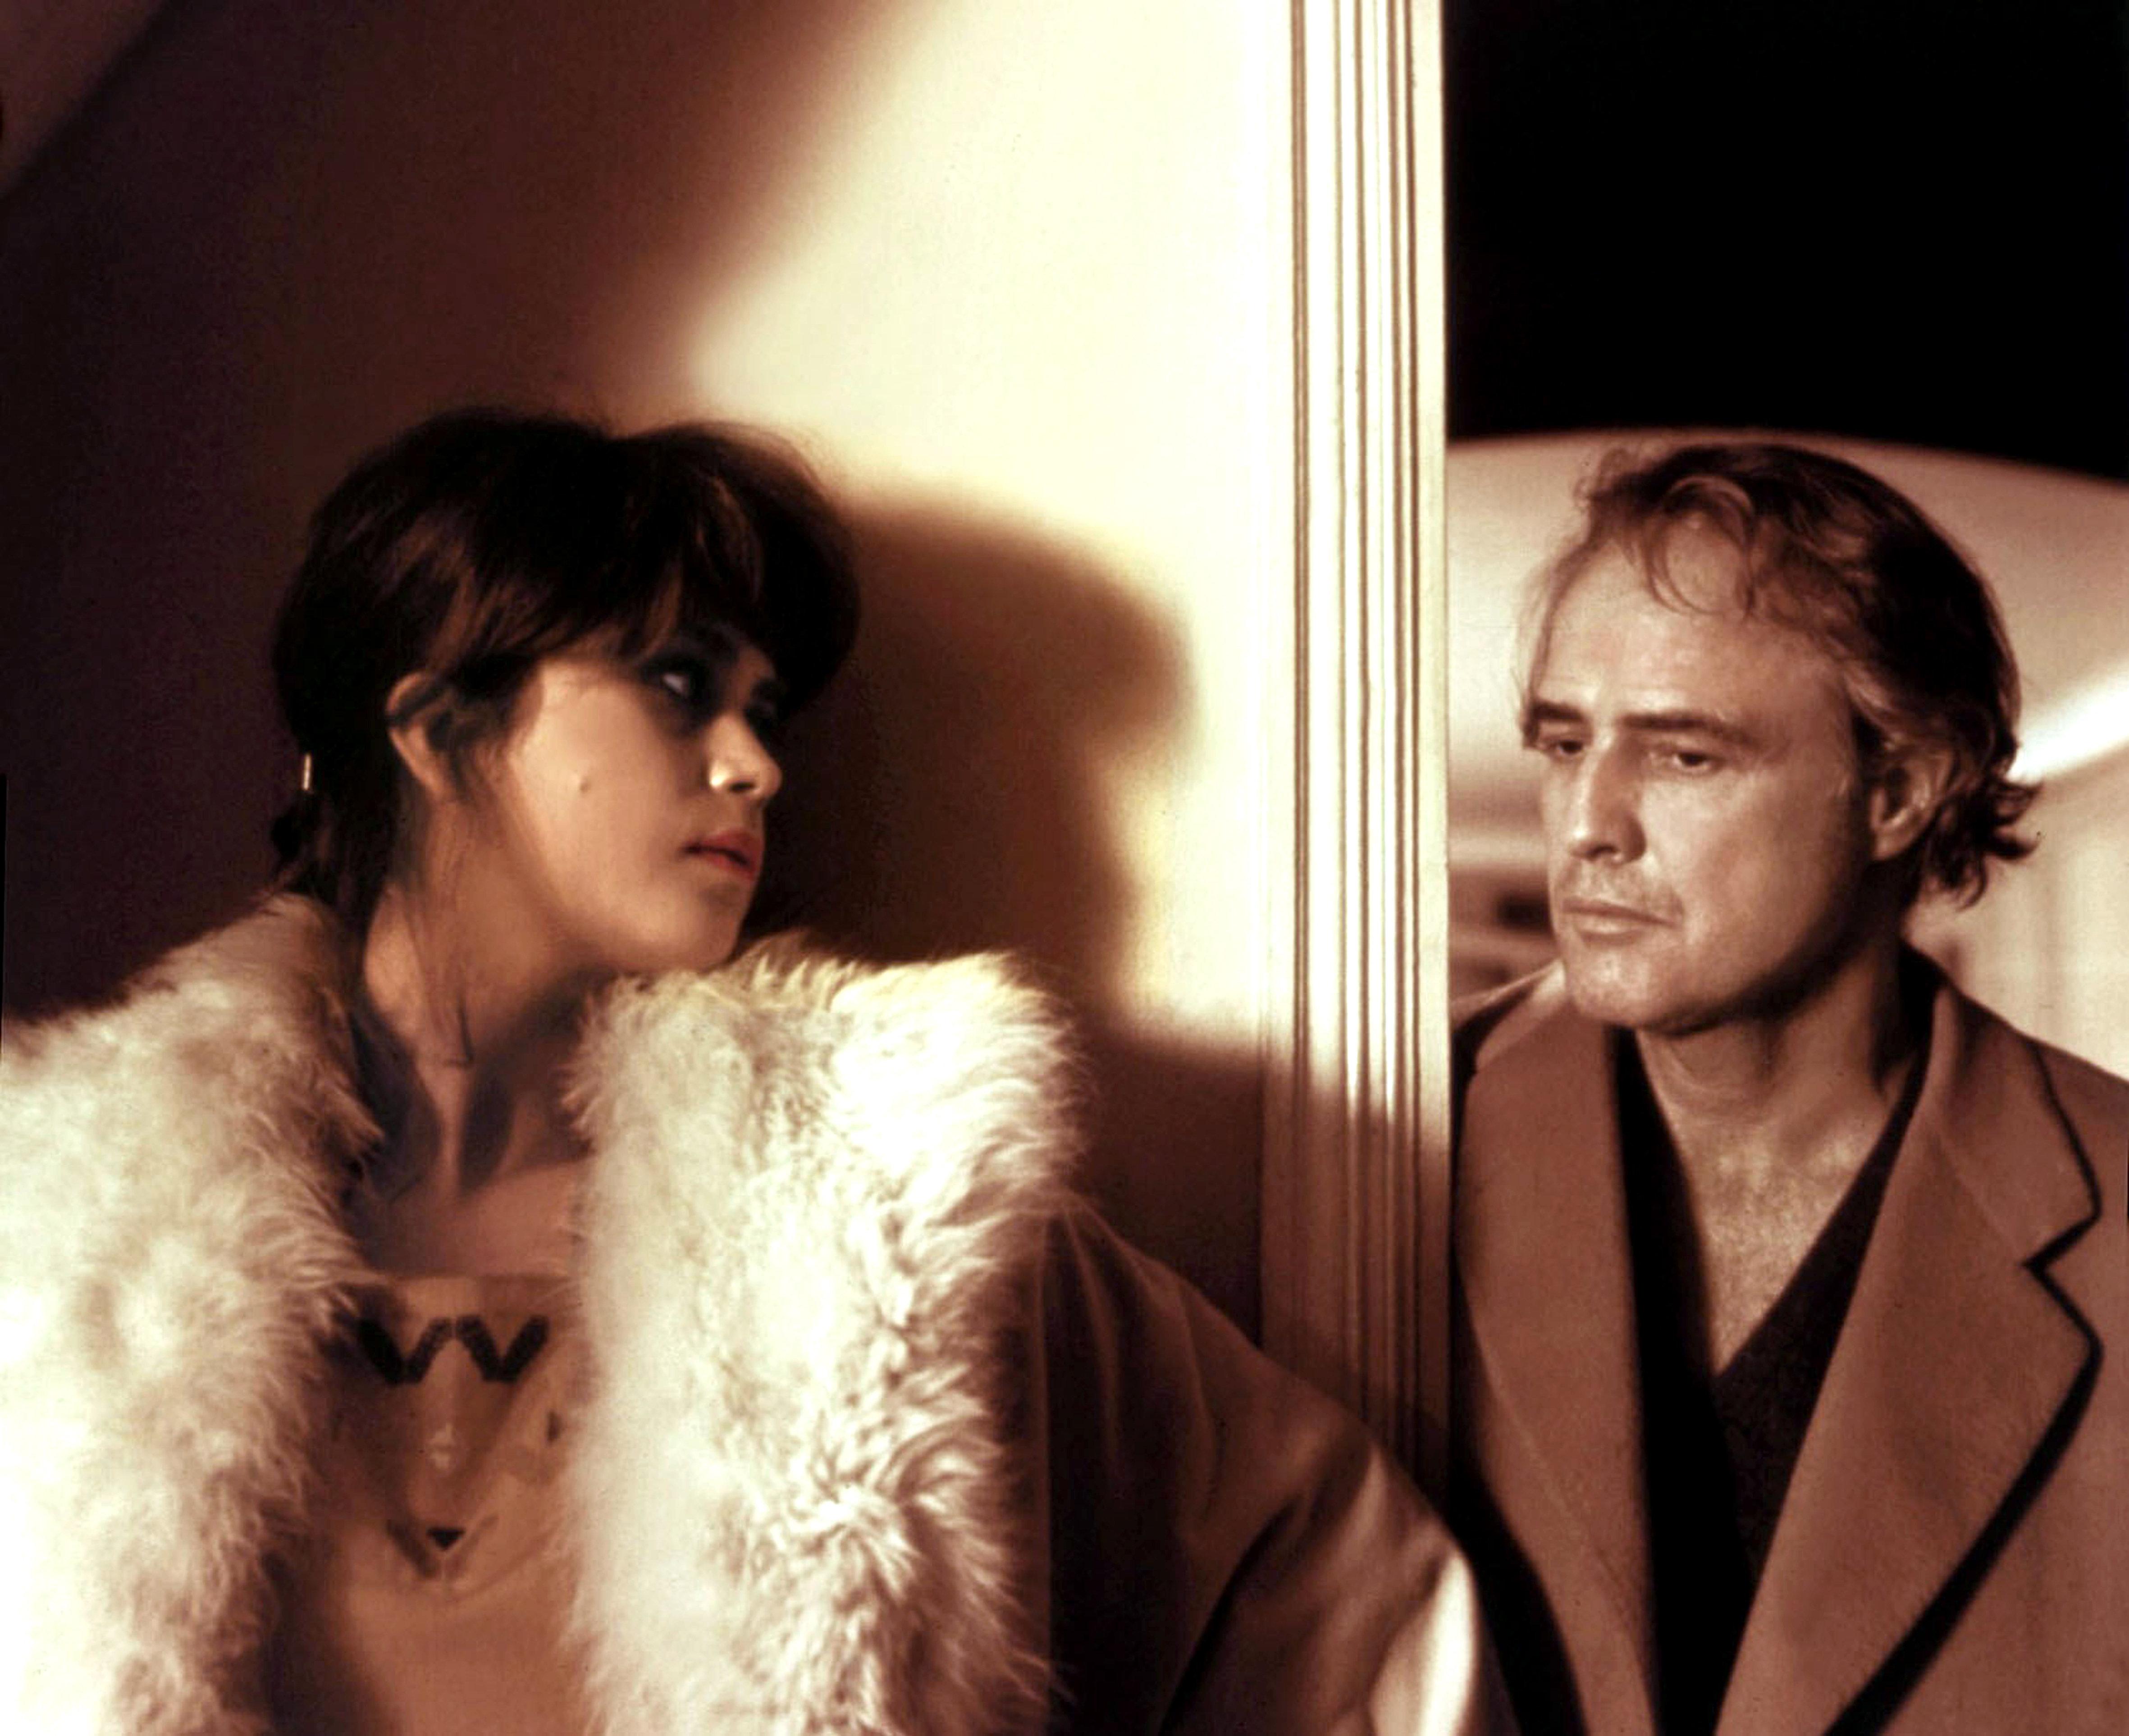 Last tango in paris sex picture 55